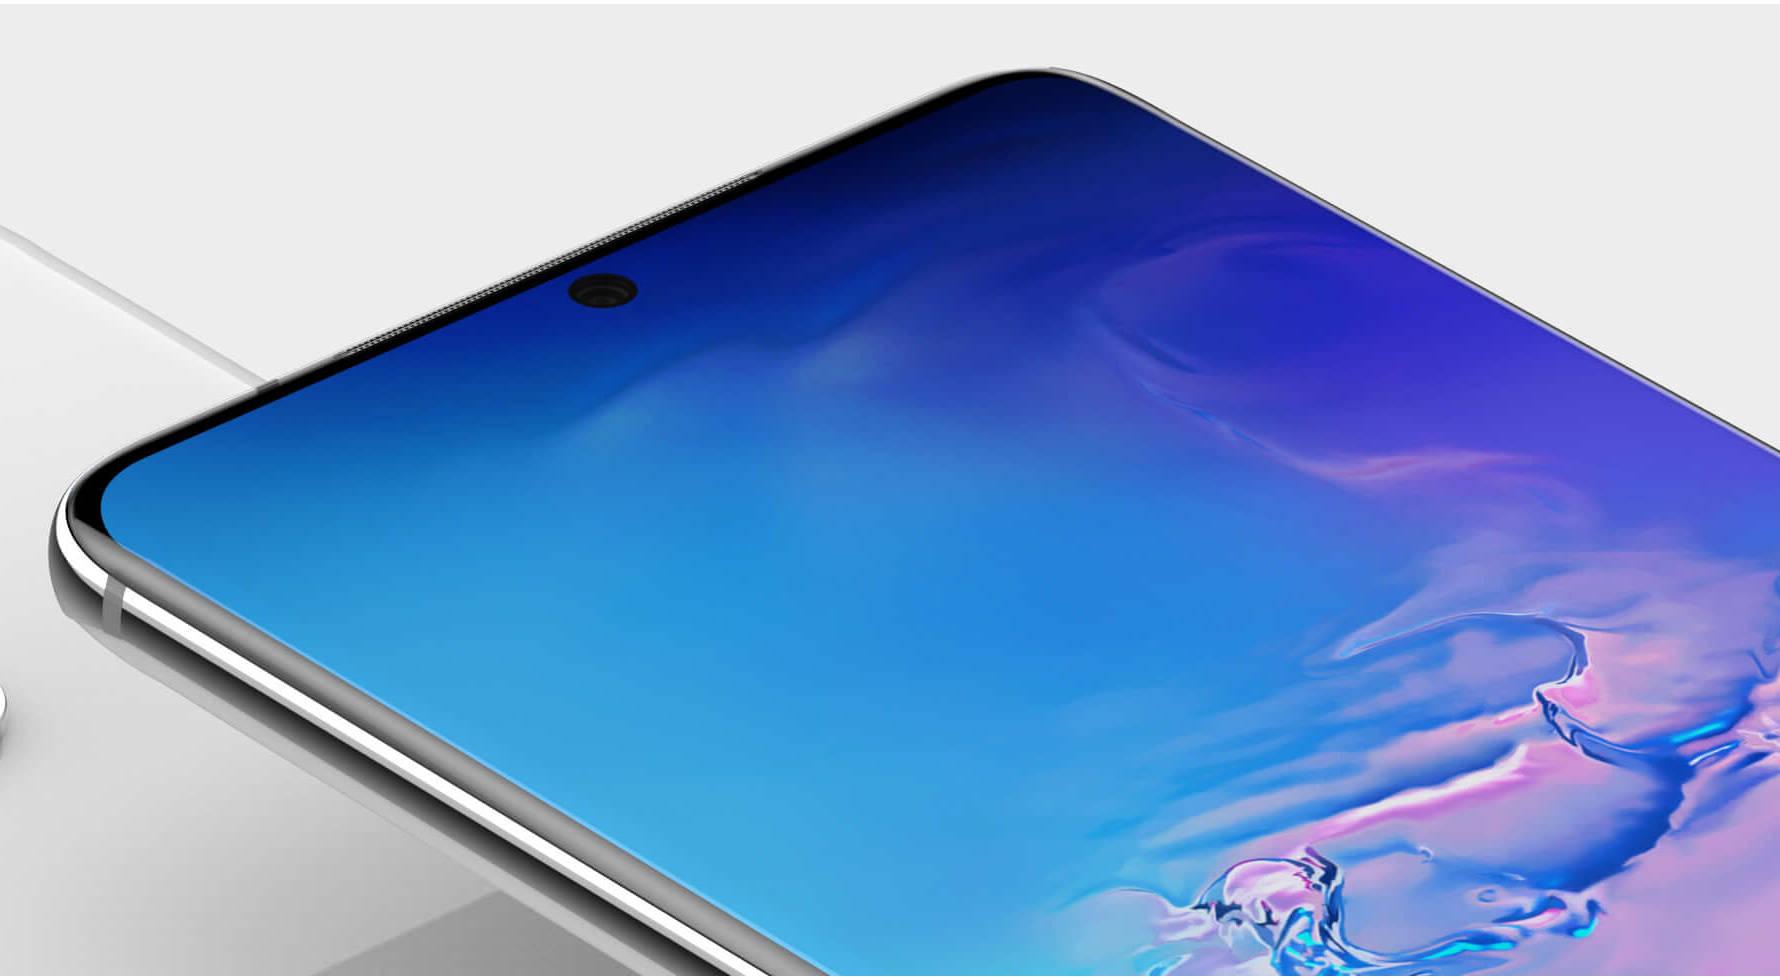 Samsung Galaxy S20 Ultra plotki przecieki wycieki specyfikacja dane techniczne 120 Hz 2K Galaxy S11